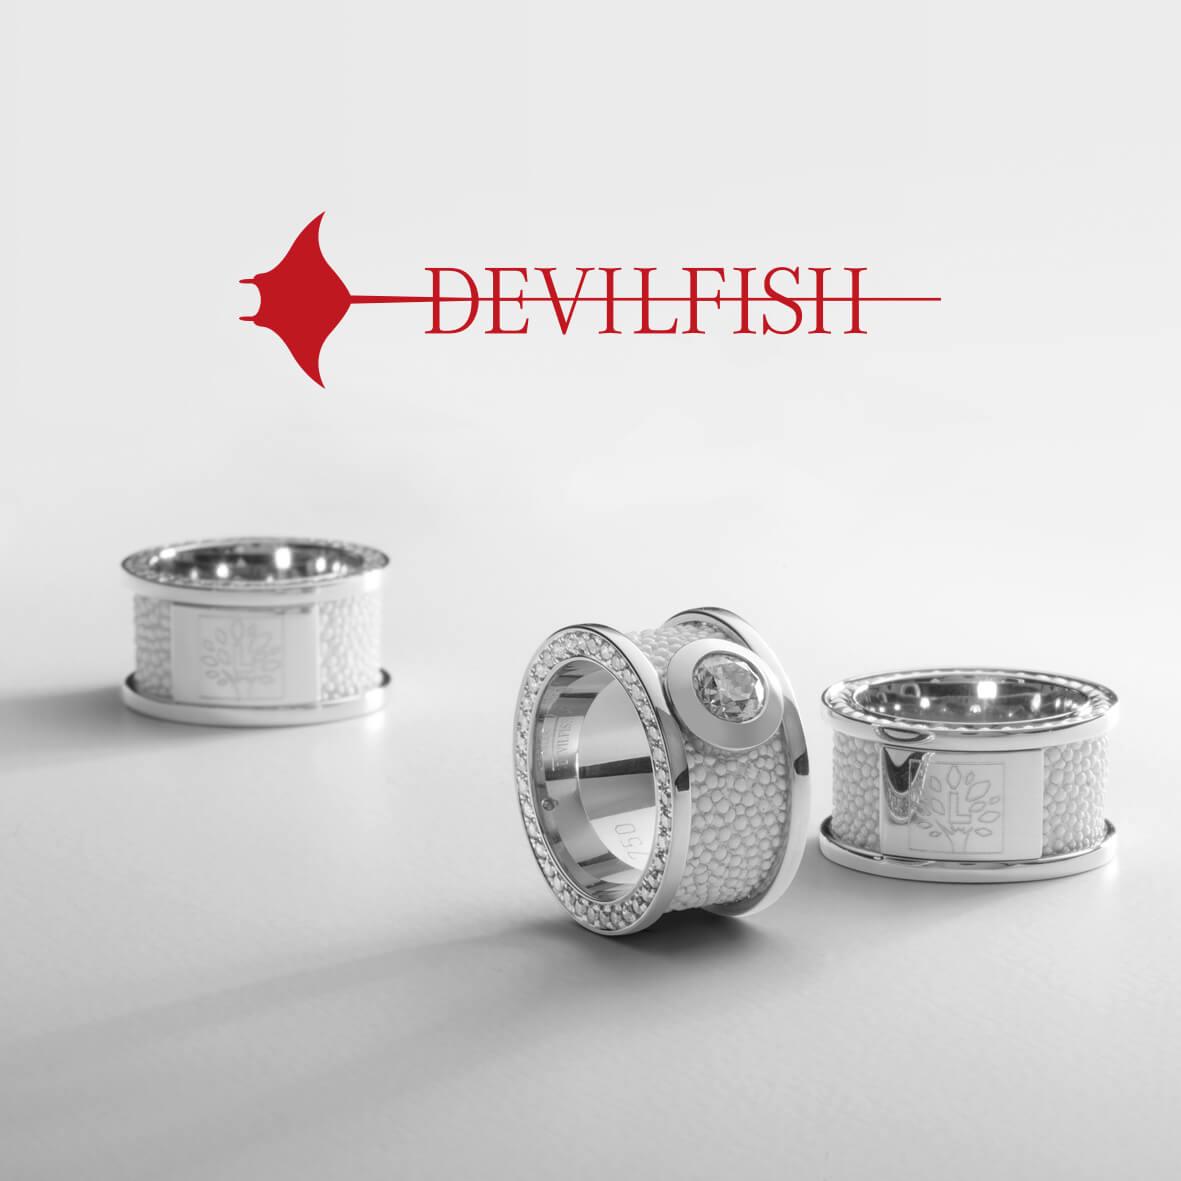 Devilfish-Ringe - Branding